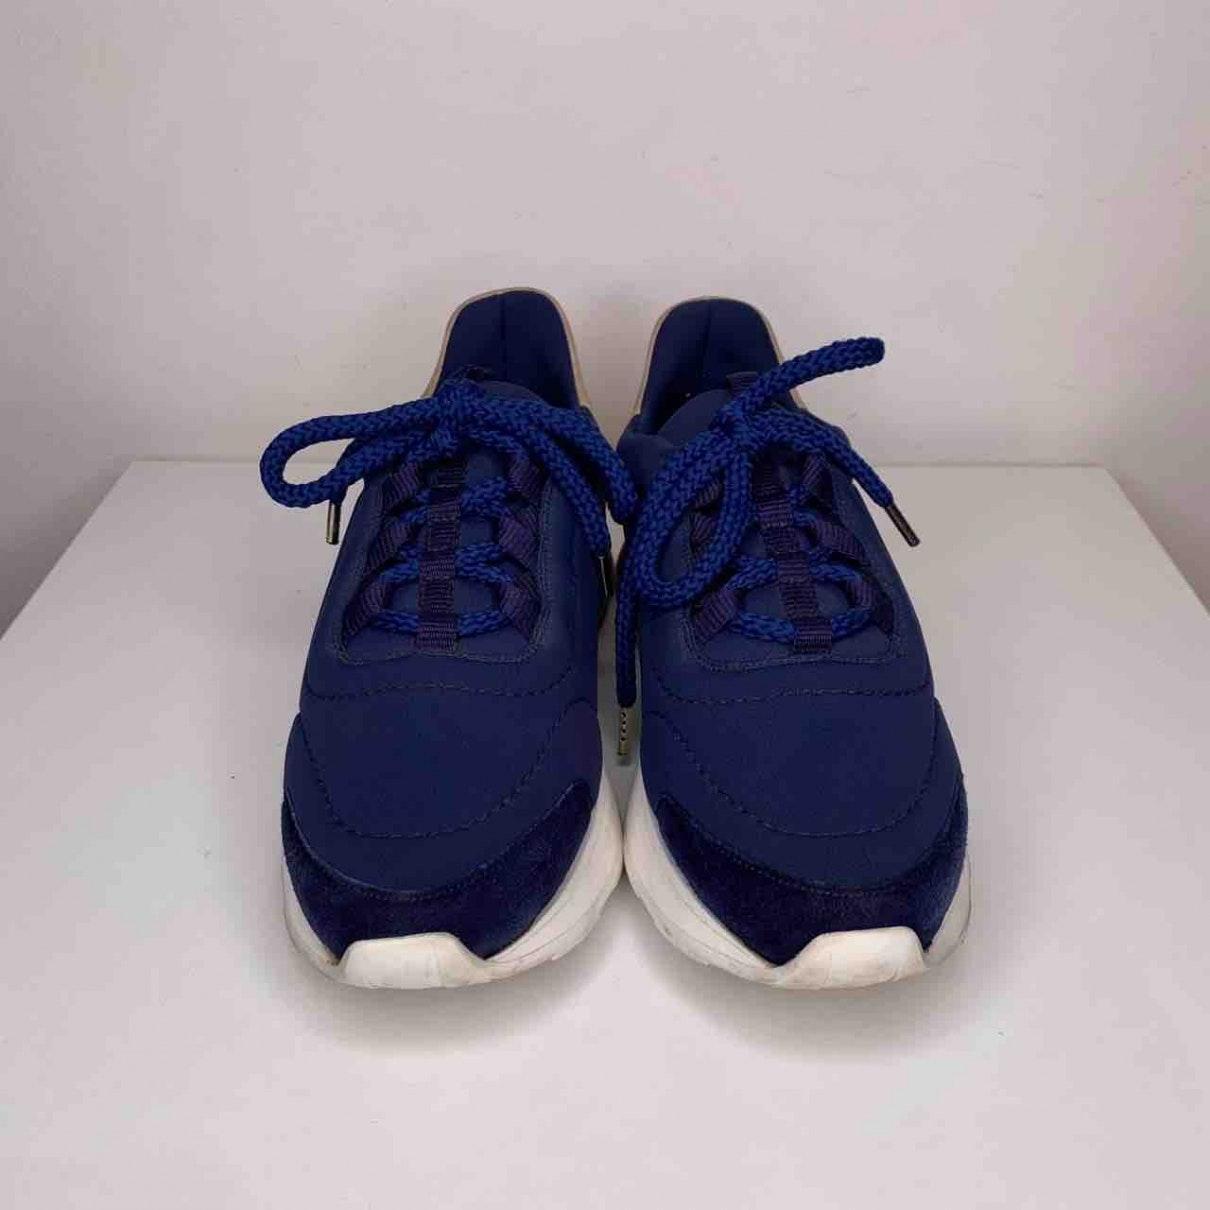 Baskets en Toile Marine Hermès en coloris Bleu 1hYZ